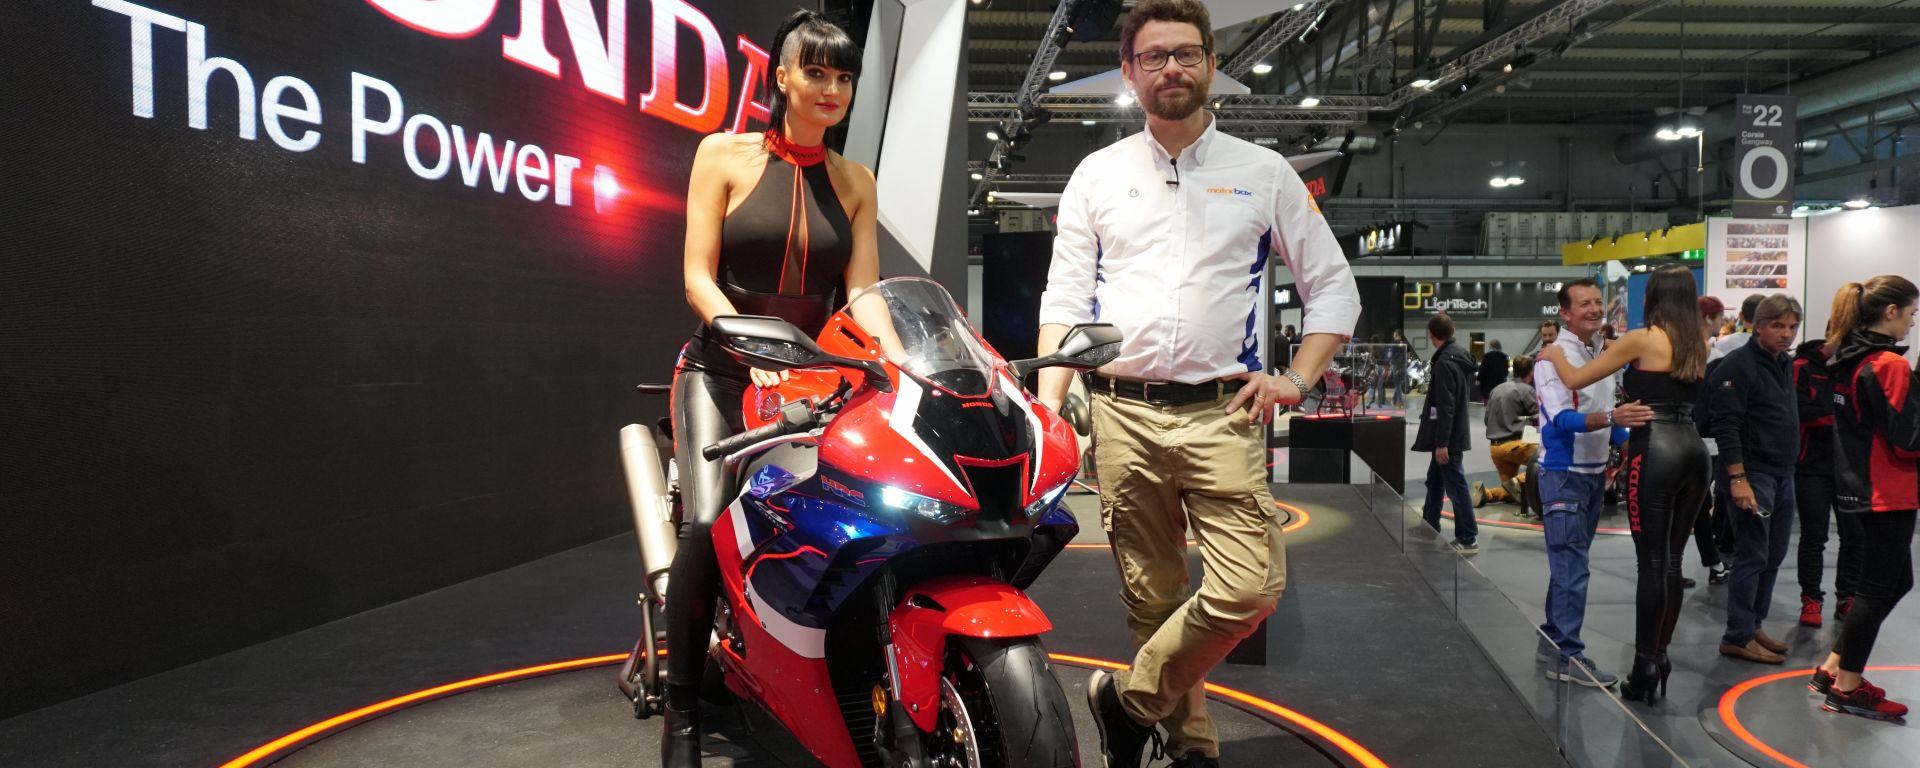 Honda CBR 1000 RR-R Fireblade 2020 a Eicma 2019